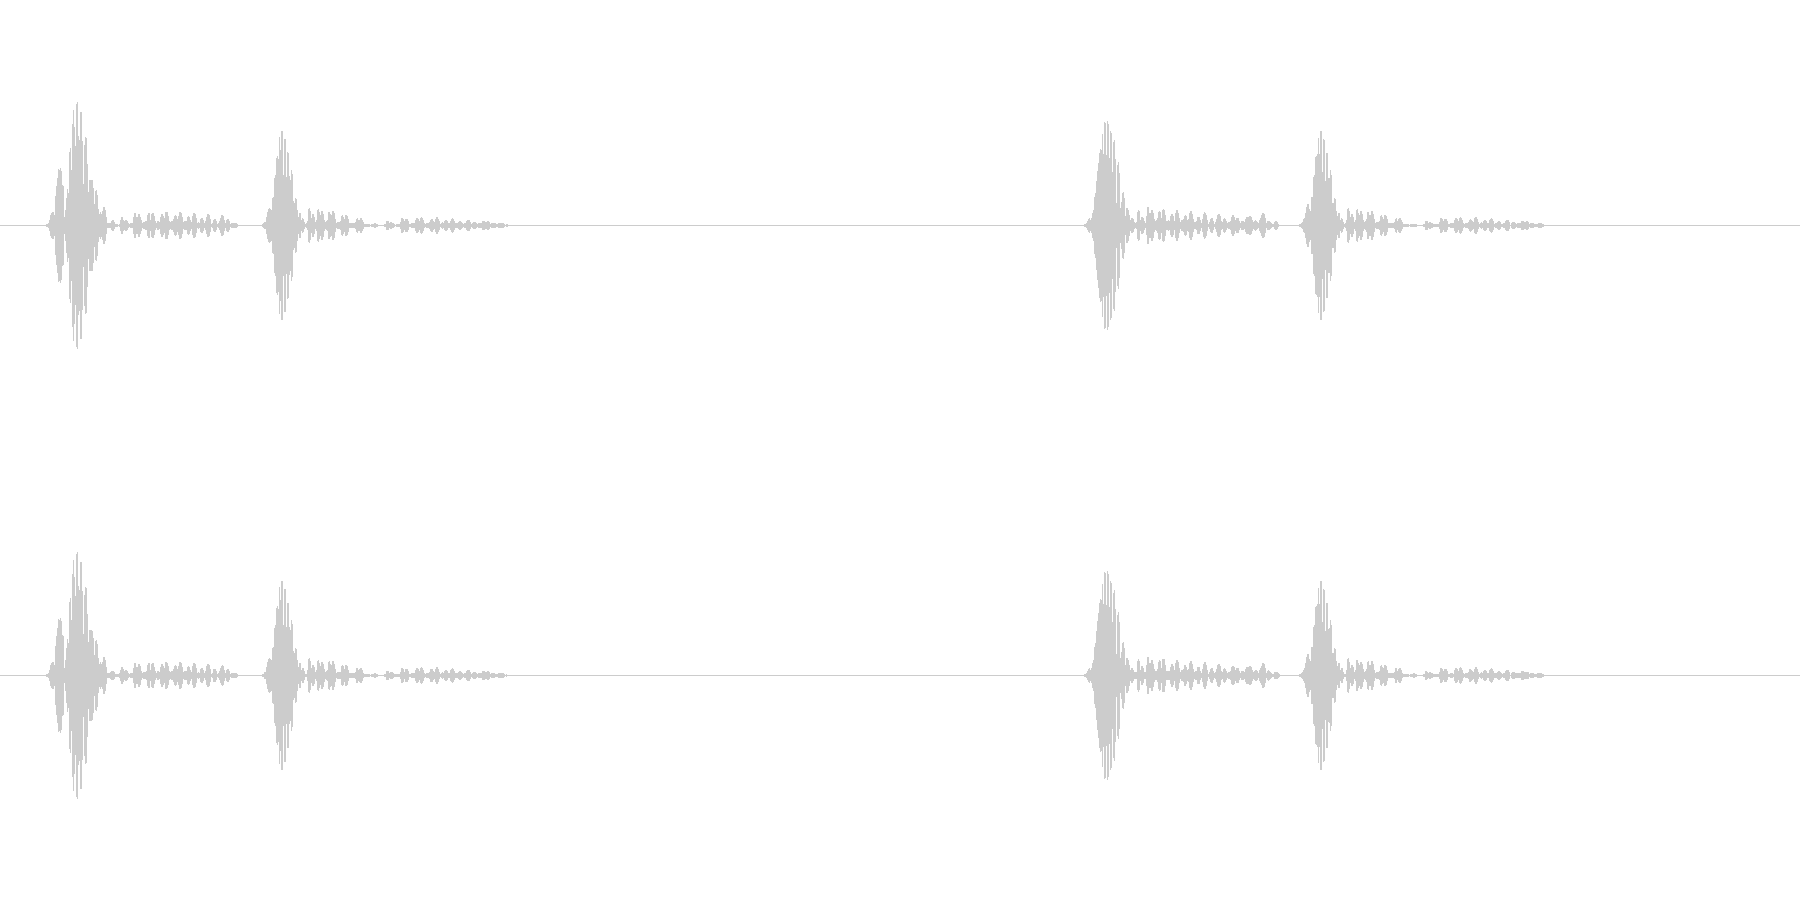 ドクンドクンという心臓の鼓動(遅)ループの未再生の波形